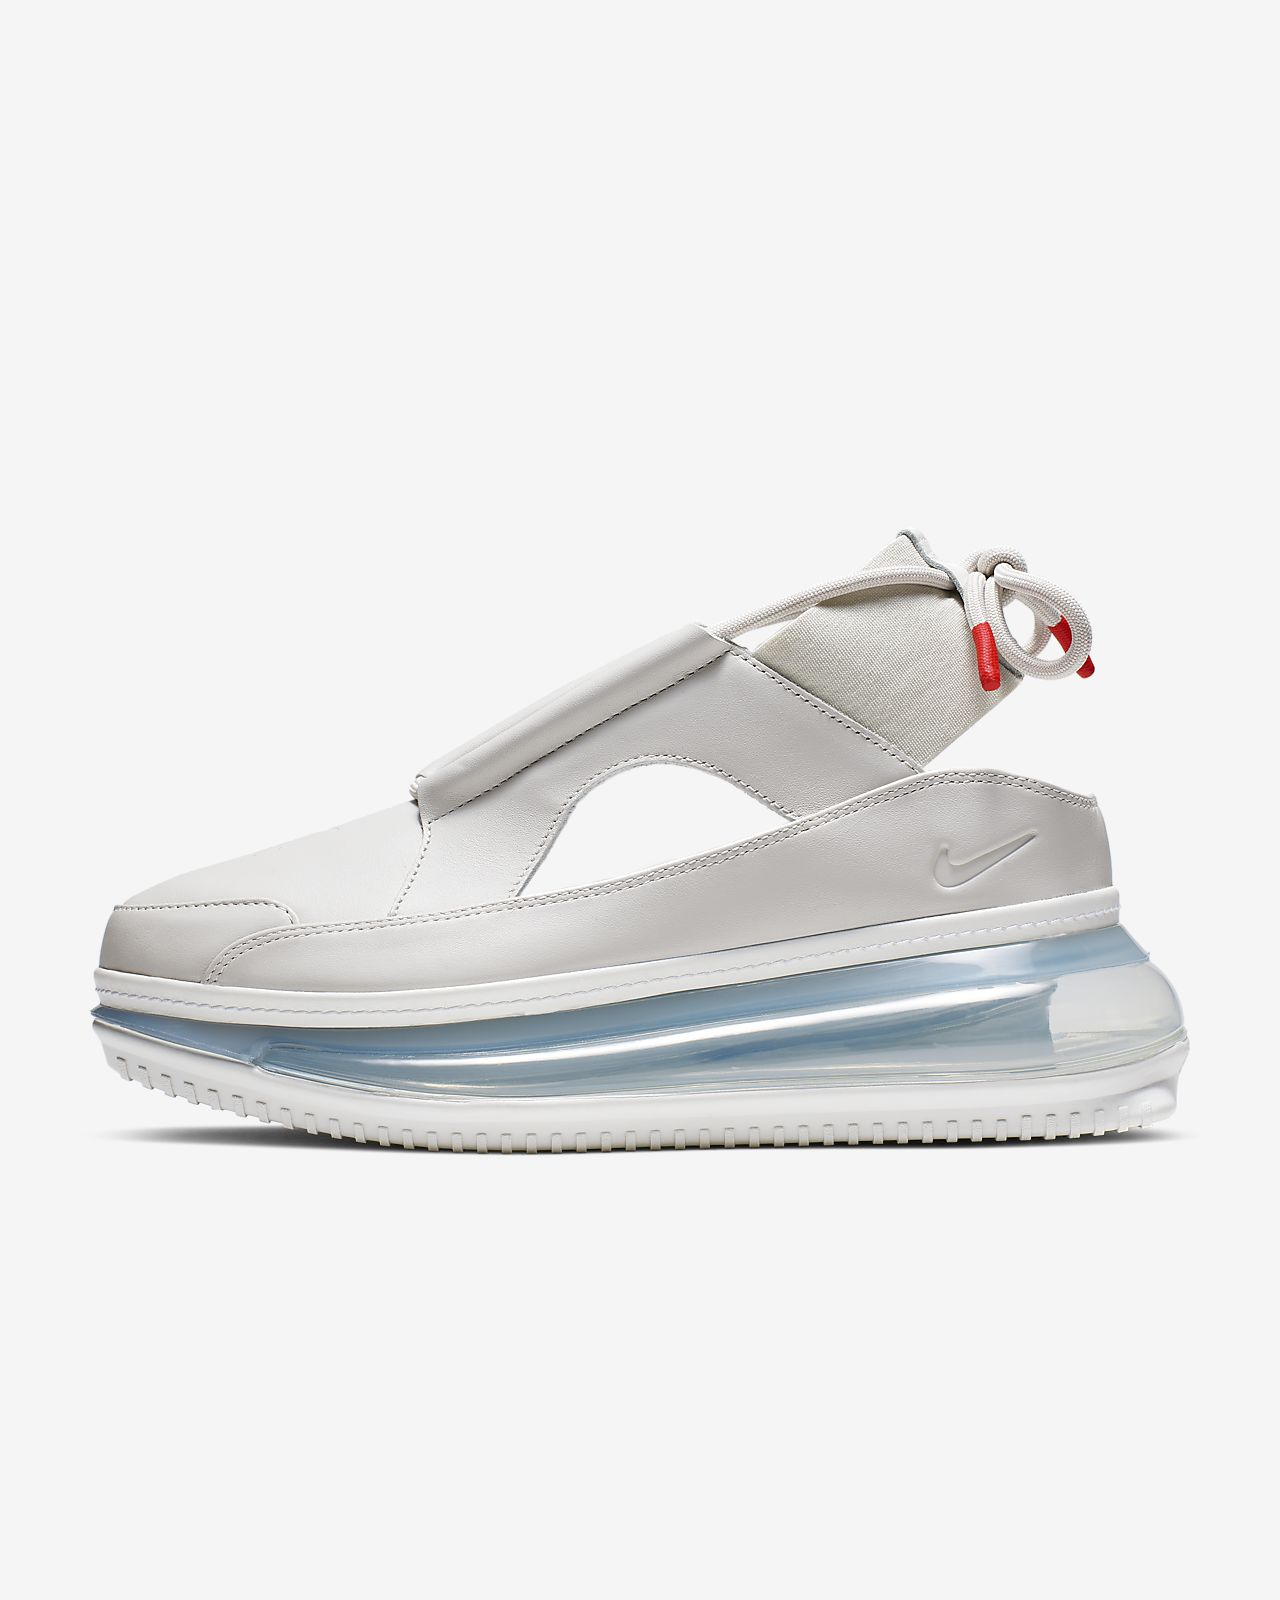 Nike Air Max FF 720-sko til kvinder